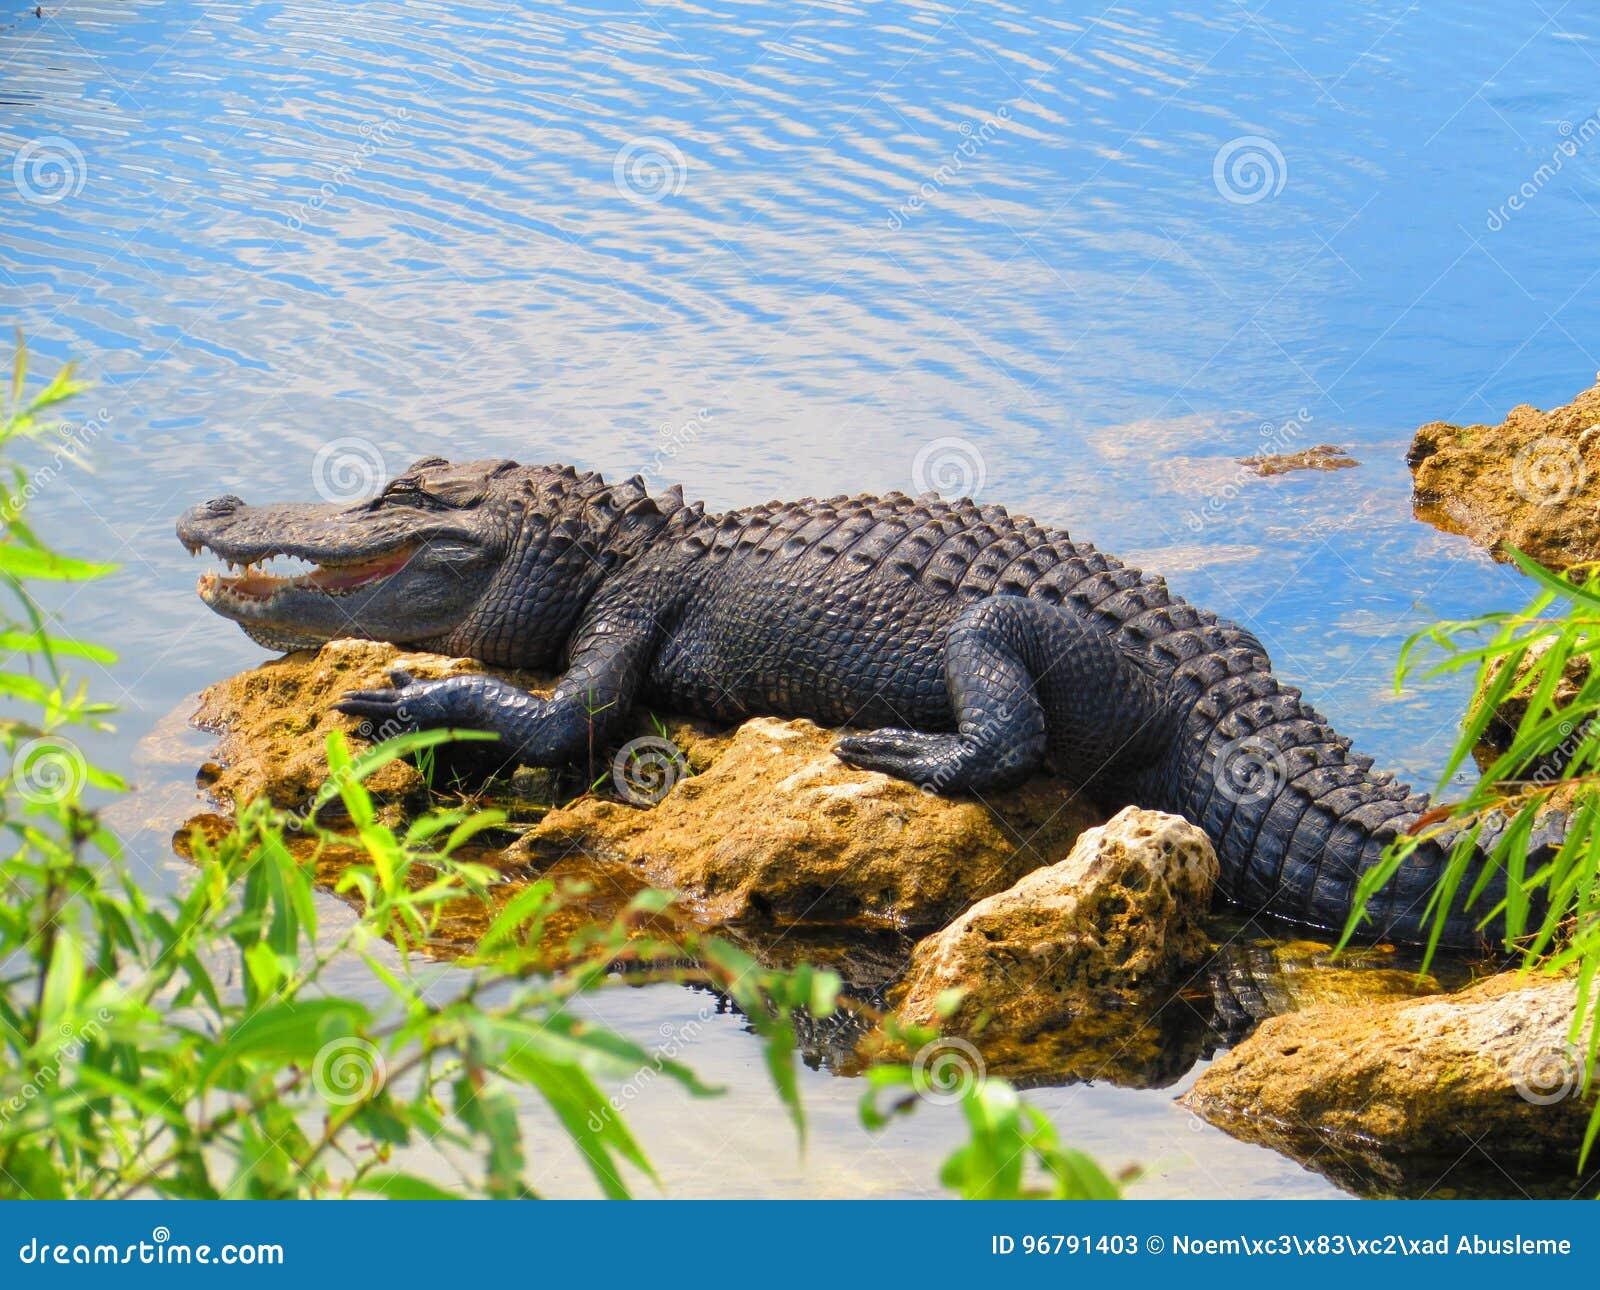 Alligator at Everglades